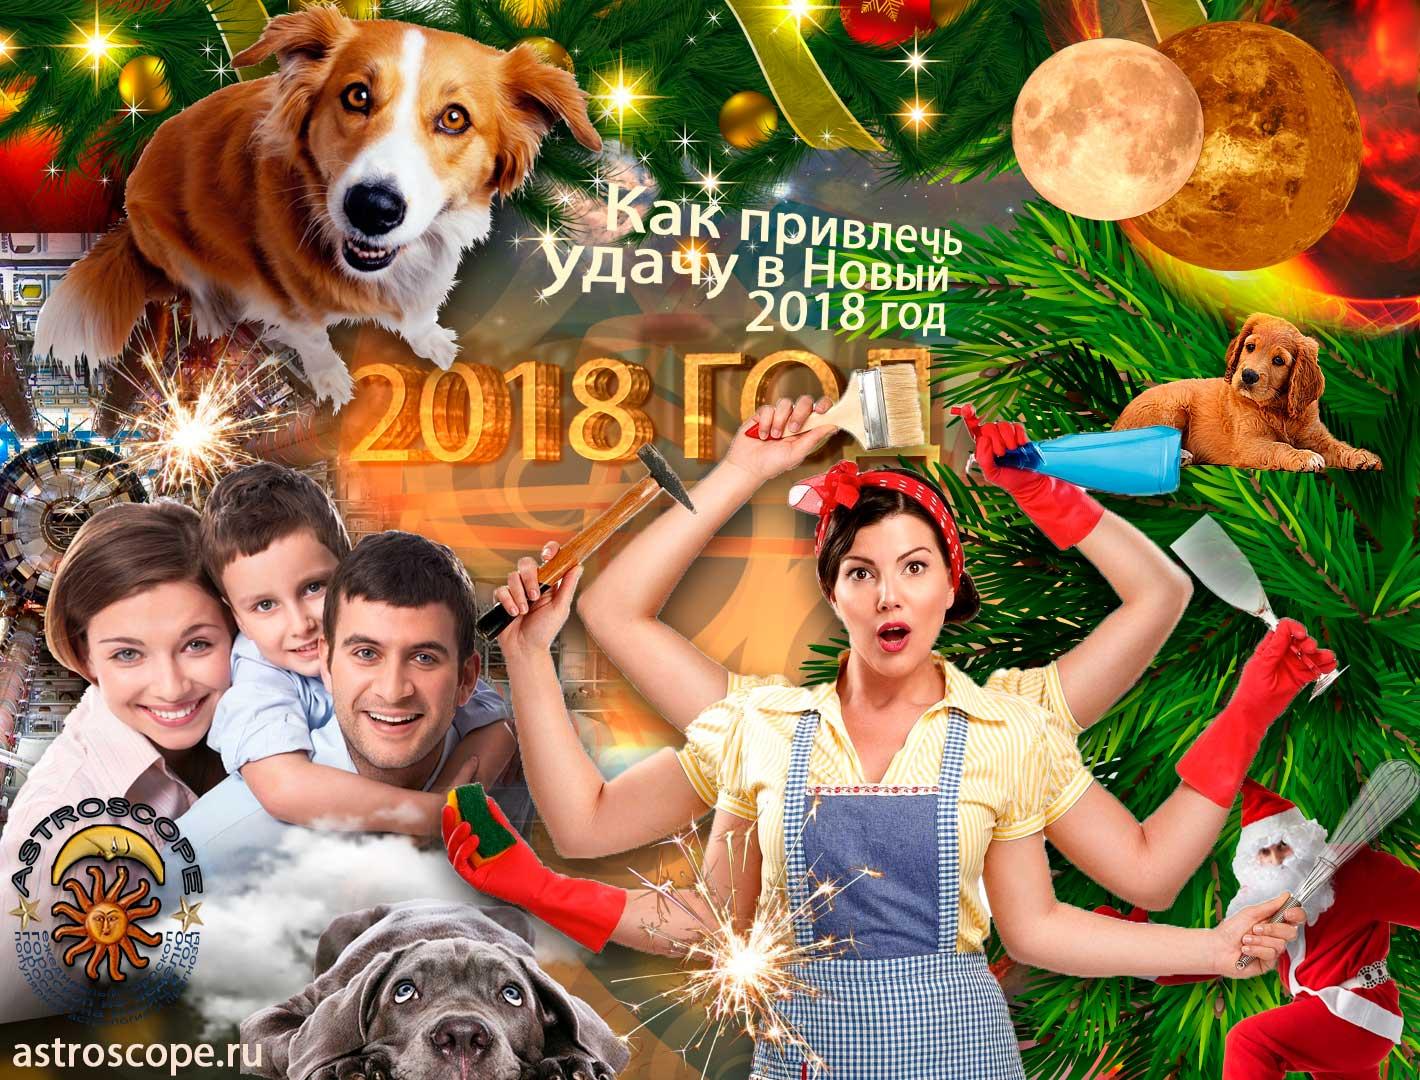 Как привлечь удачу в год жёлтой Собаки 2018